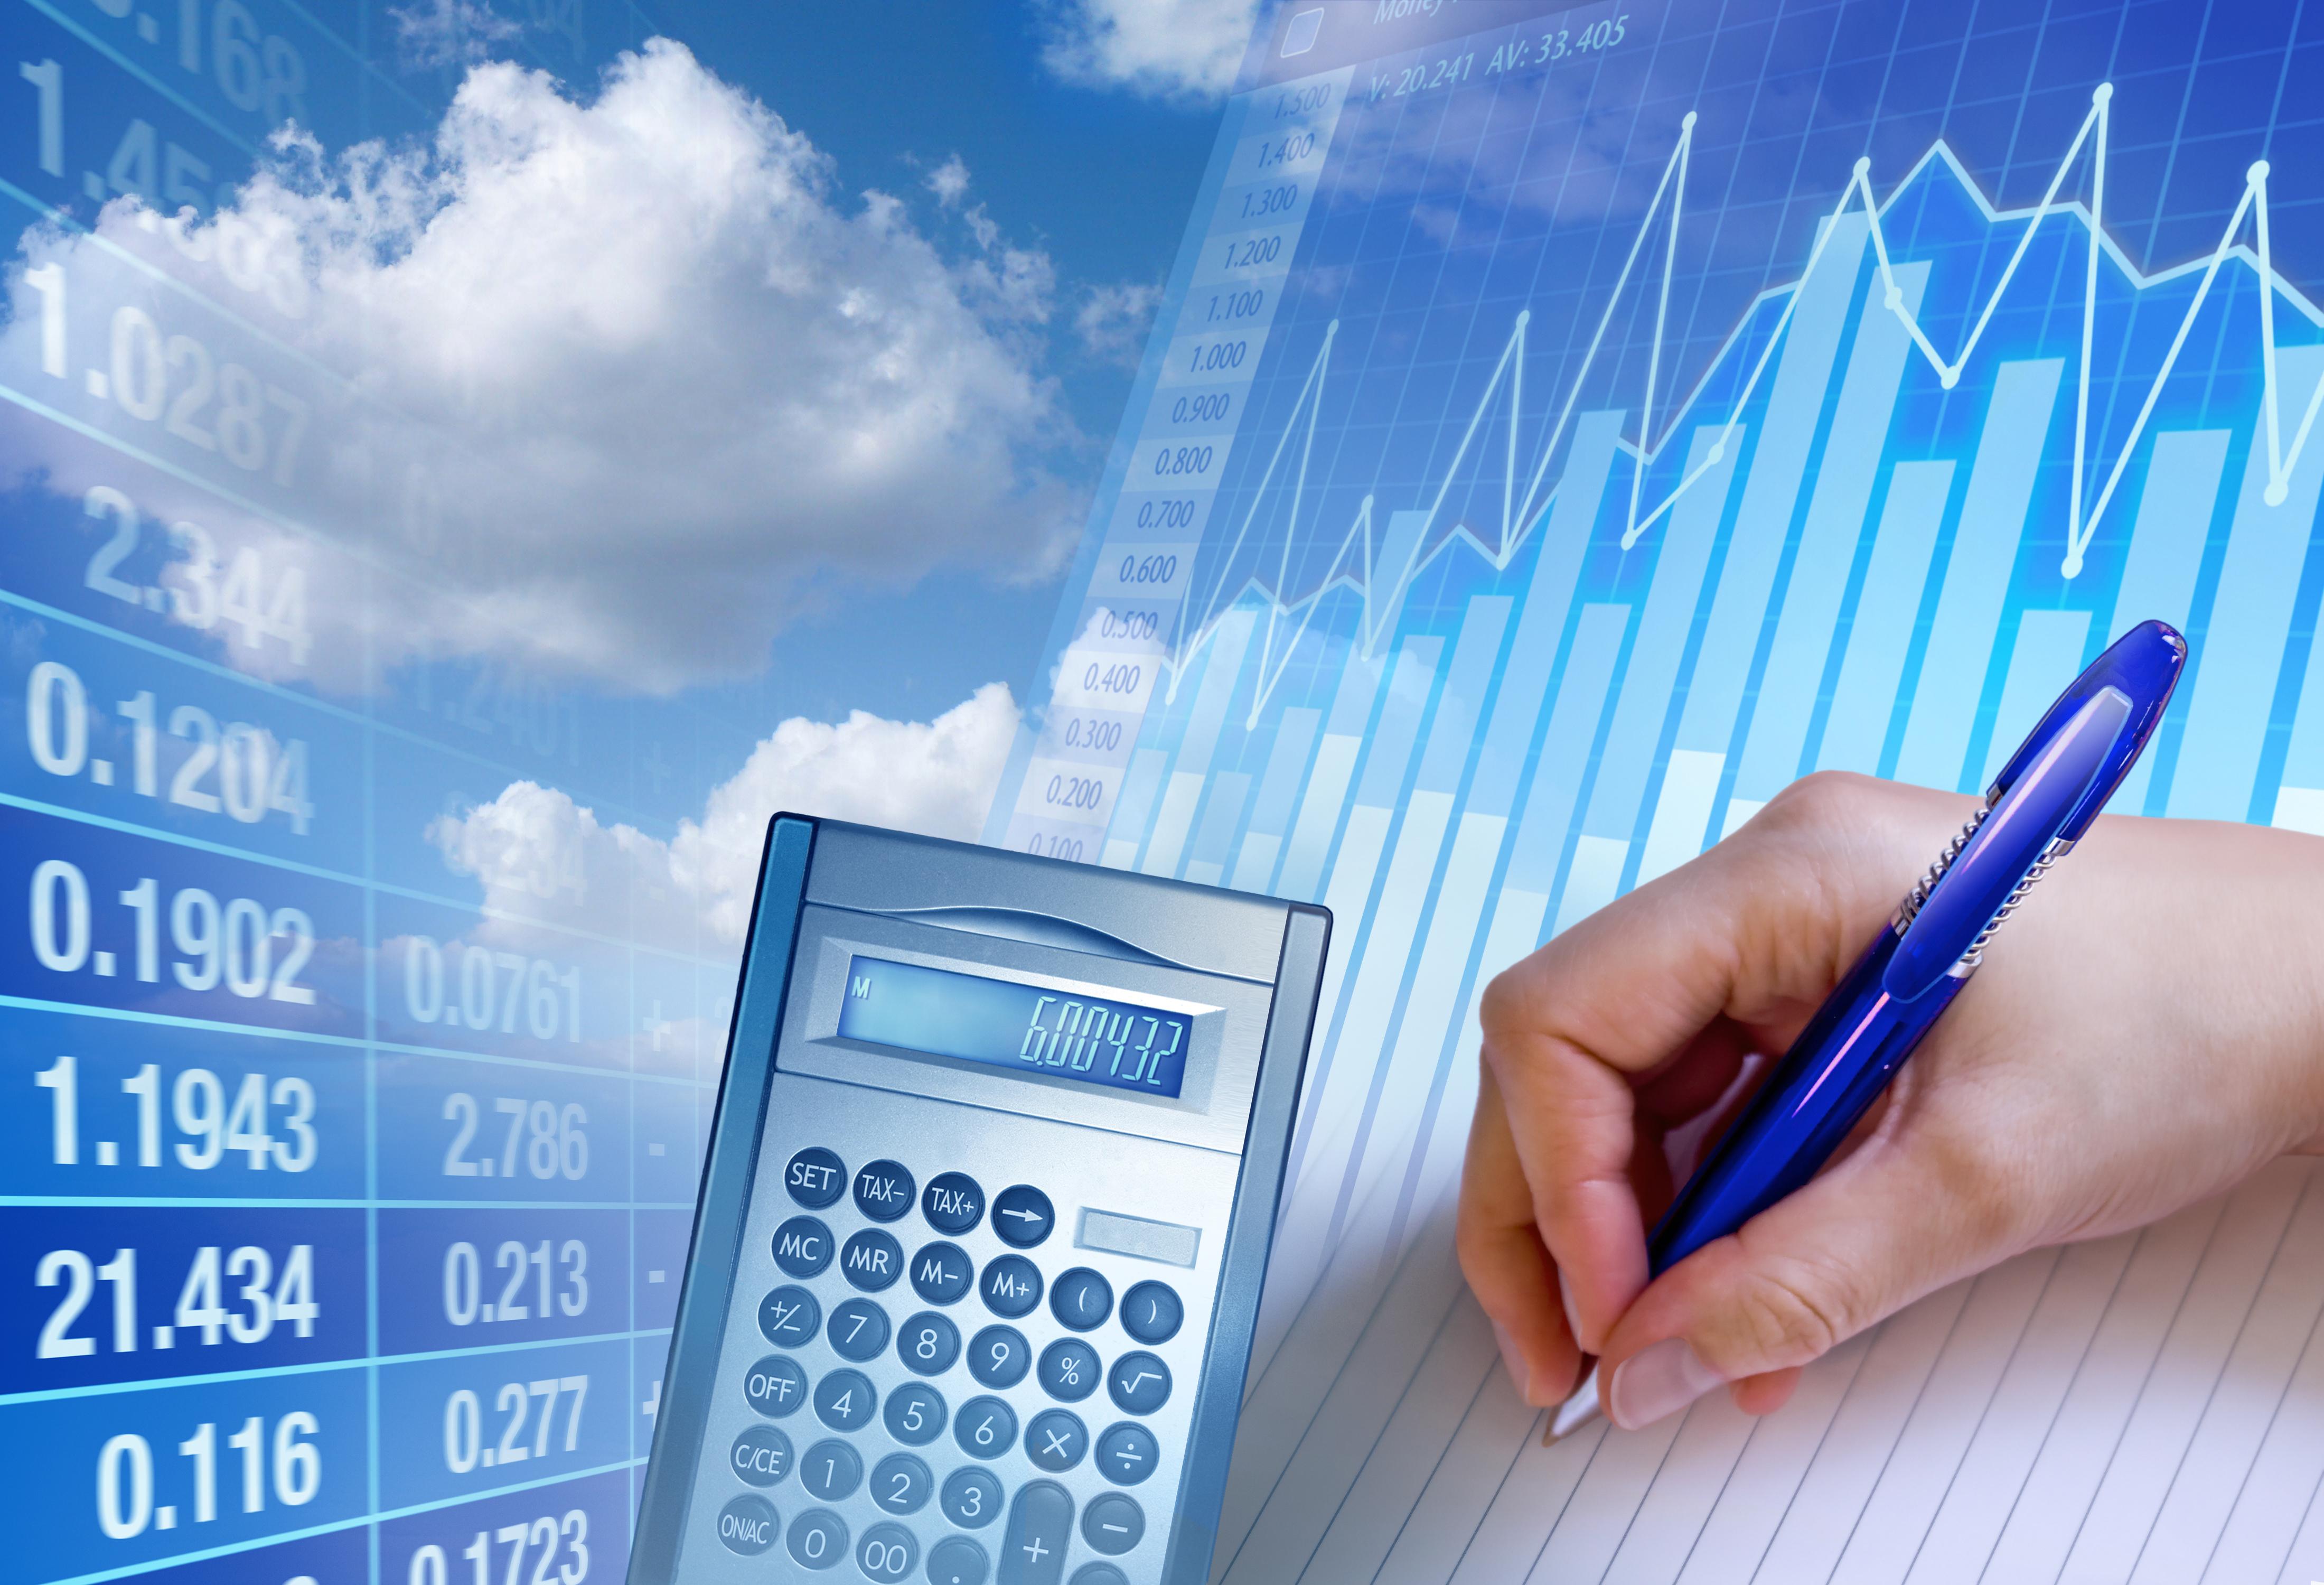 Comunicat privind noile măsuri prevăzute în Legea nr. 296/2020 pentru modificarea și completarea Legii nr. 227/2015 privind Codul fiscal referitoare la evaluarea pentru impozitare